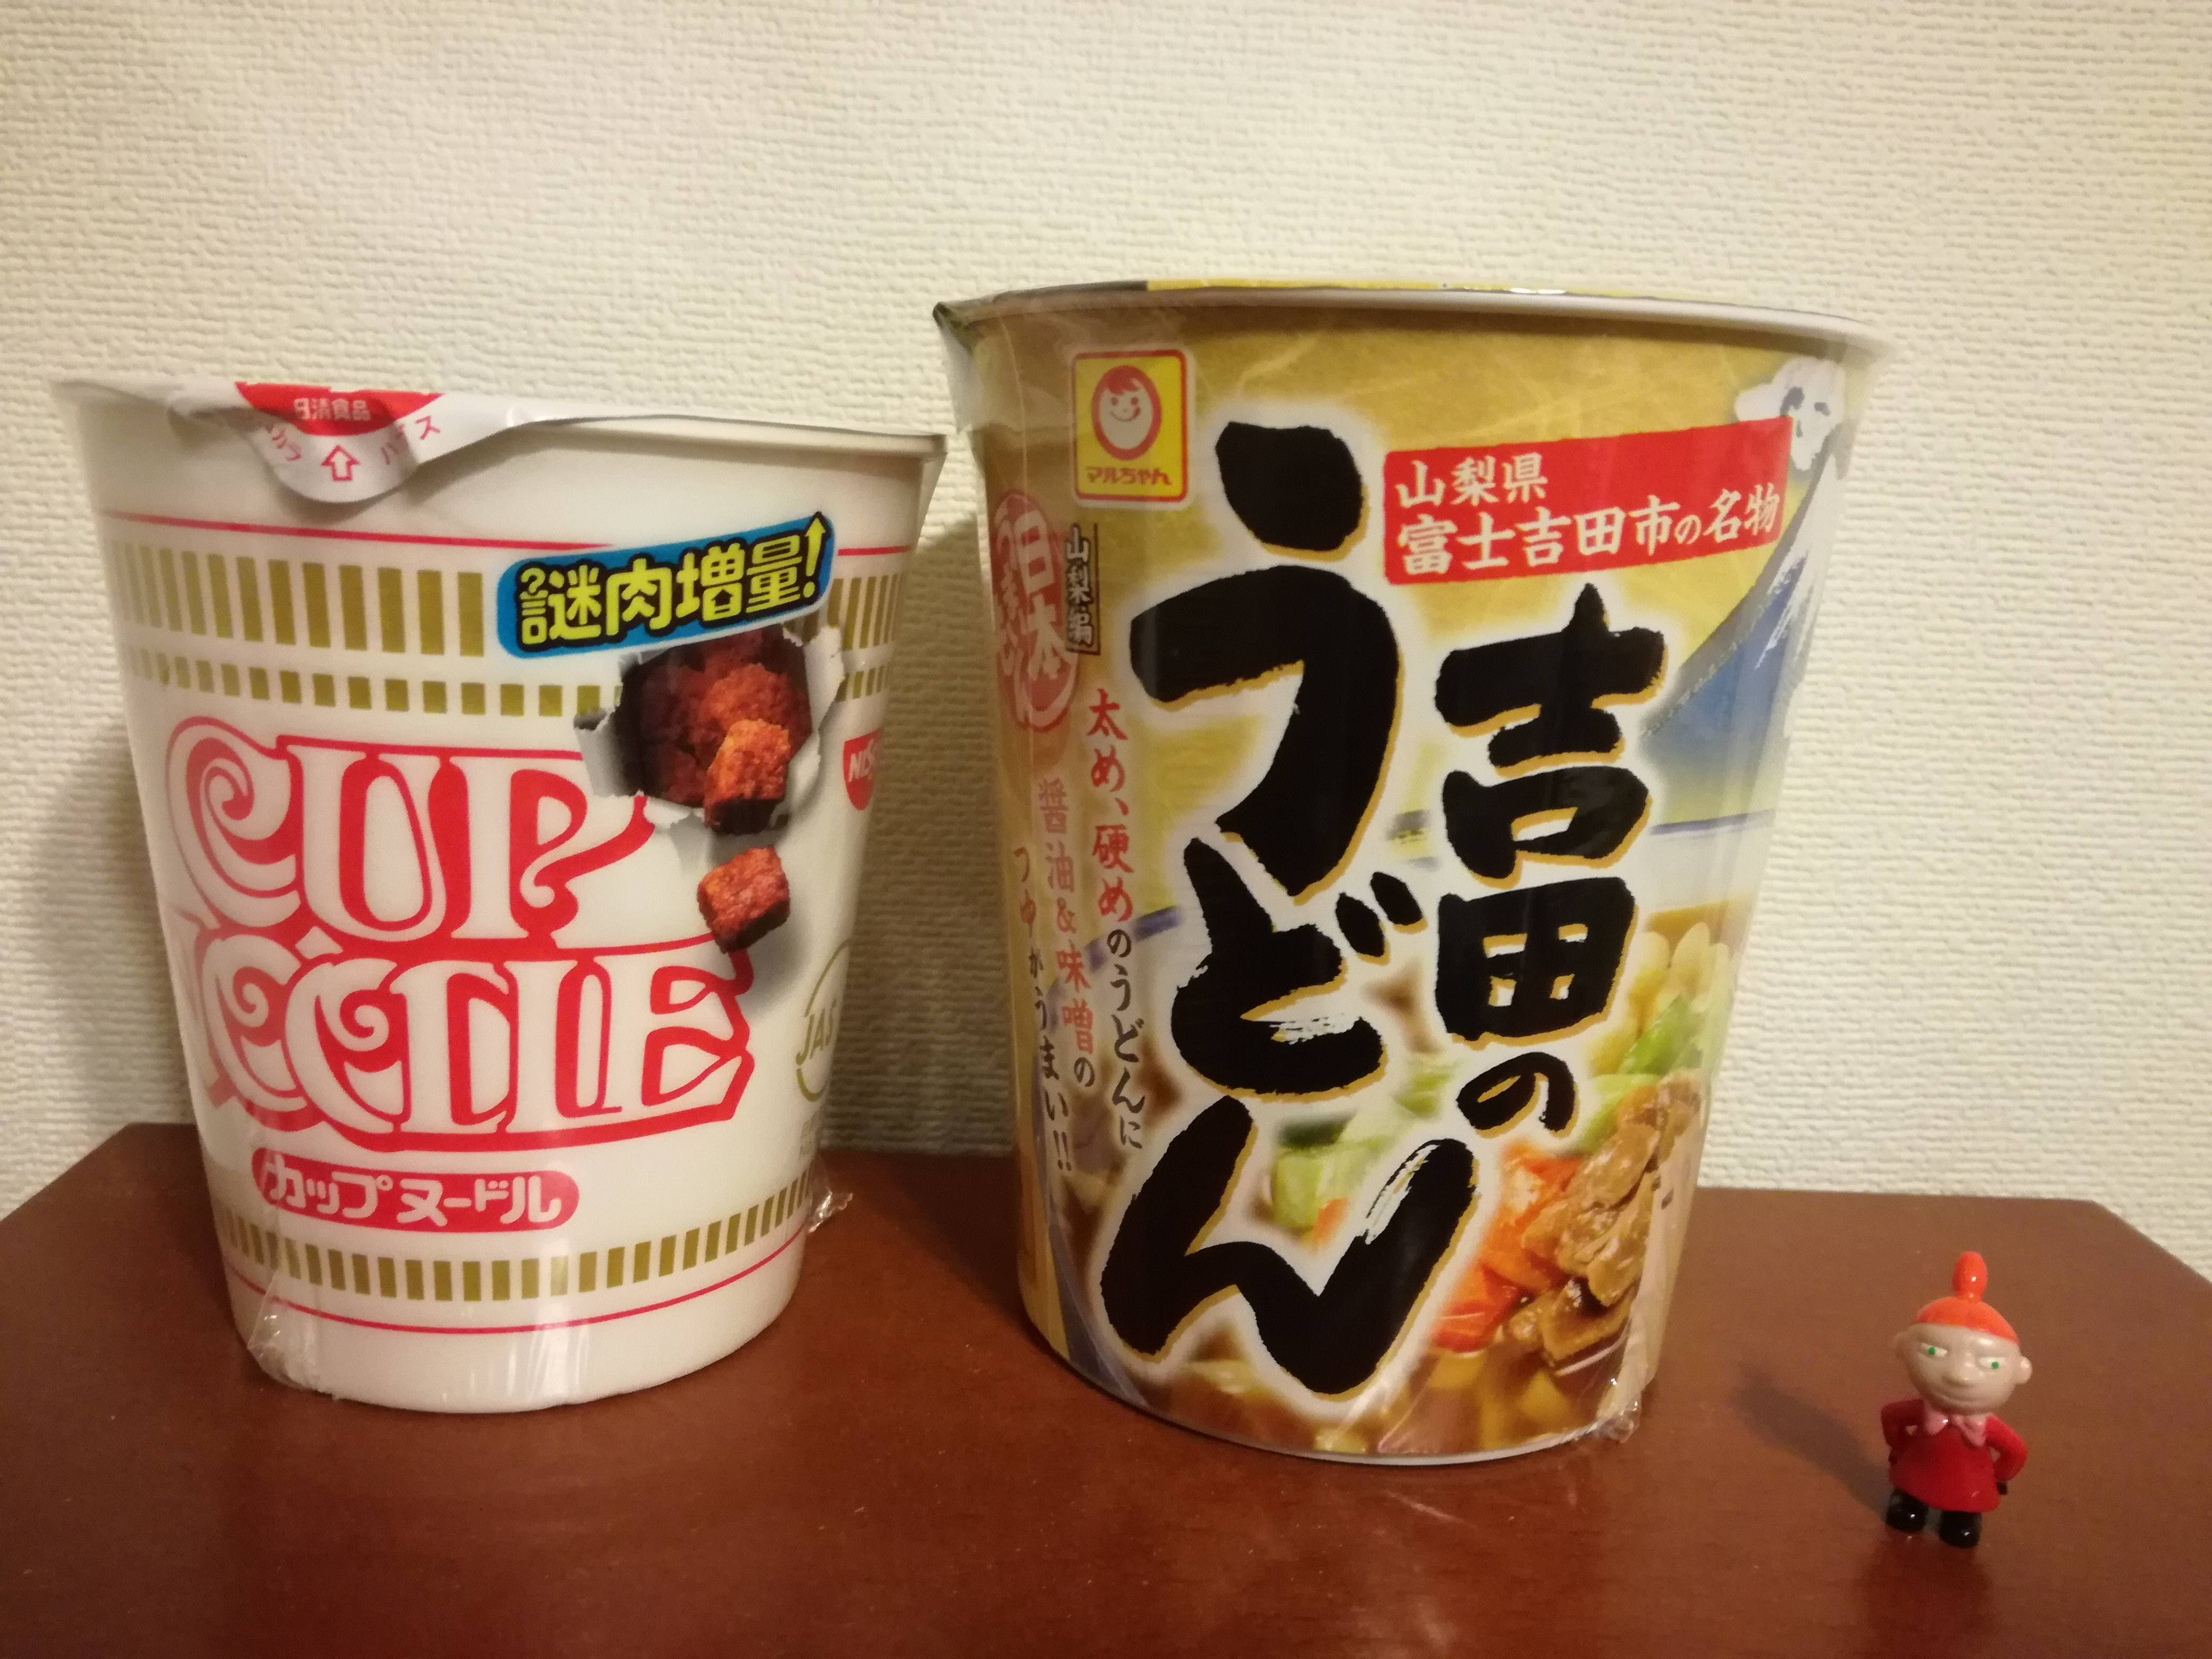 吉田うどんカップ麺